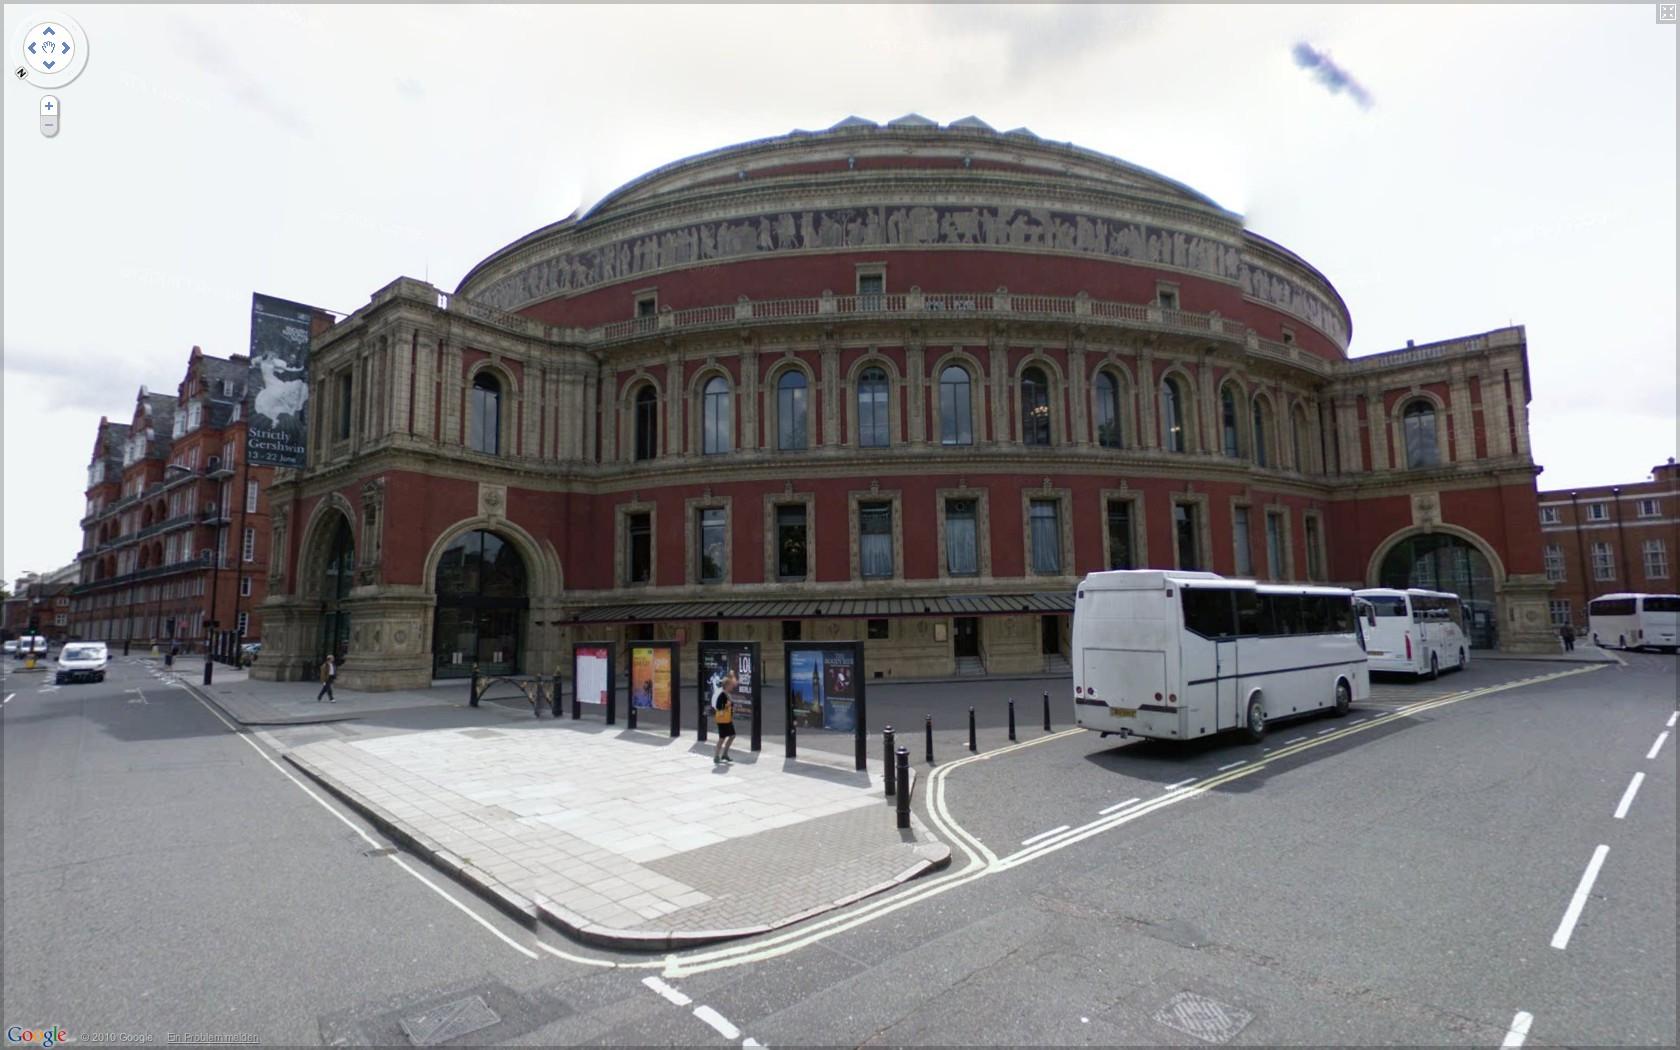 Street View: Das eigene Haus kann ab sofort verpixelt werden - Google Street View: Royal Albert Hall in London